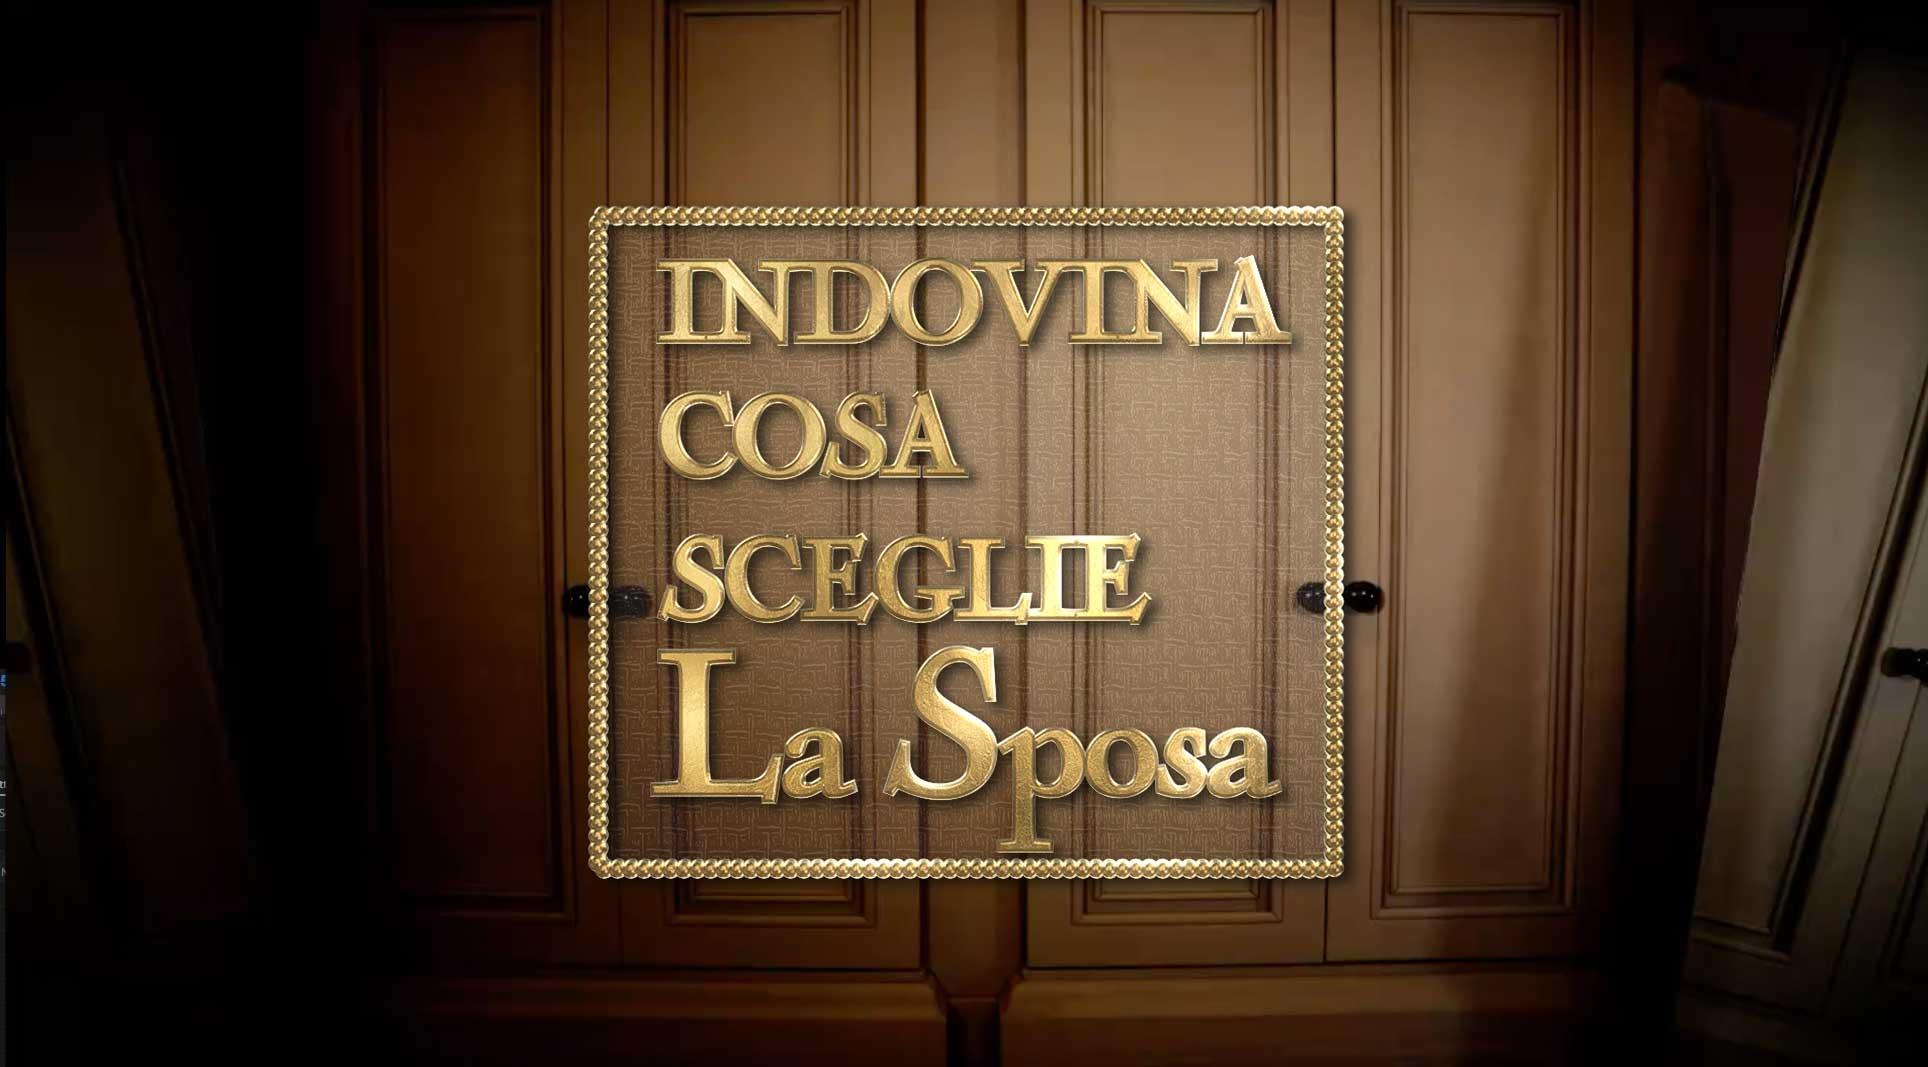 Indovina cosa sceglie la sposa e vinci un prestigioso abito dell'altelier di Antonio Riva a Milano su Sky